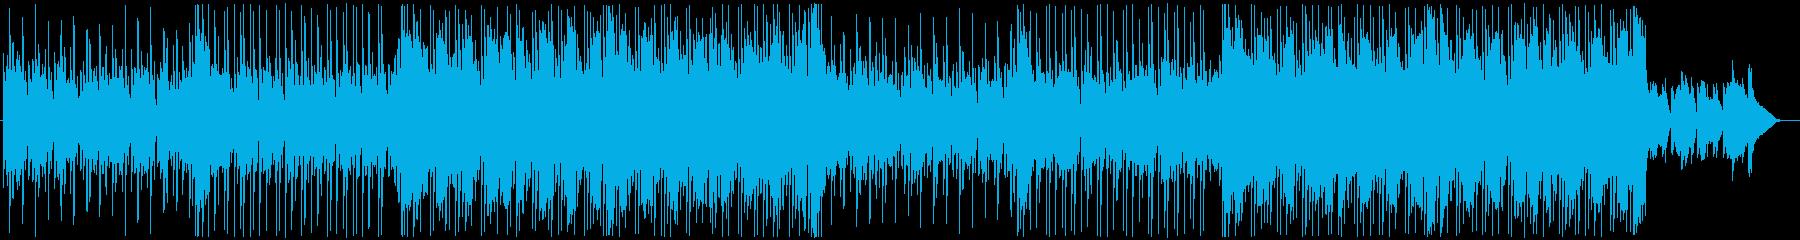 洋楽 フューチャーポップ ED 切ないの再生済みの波形